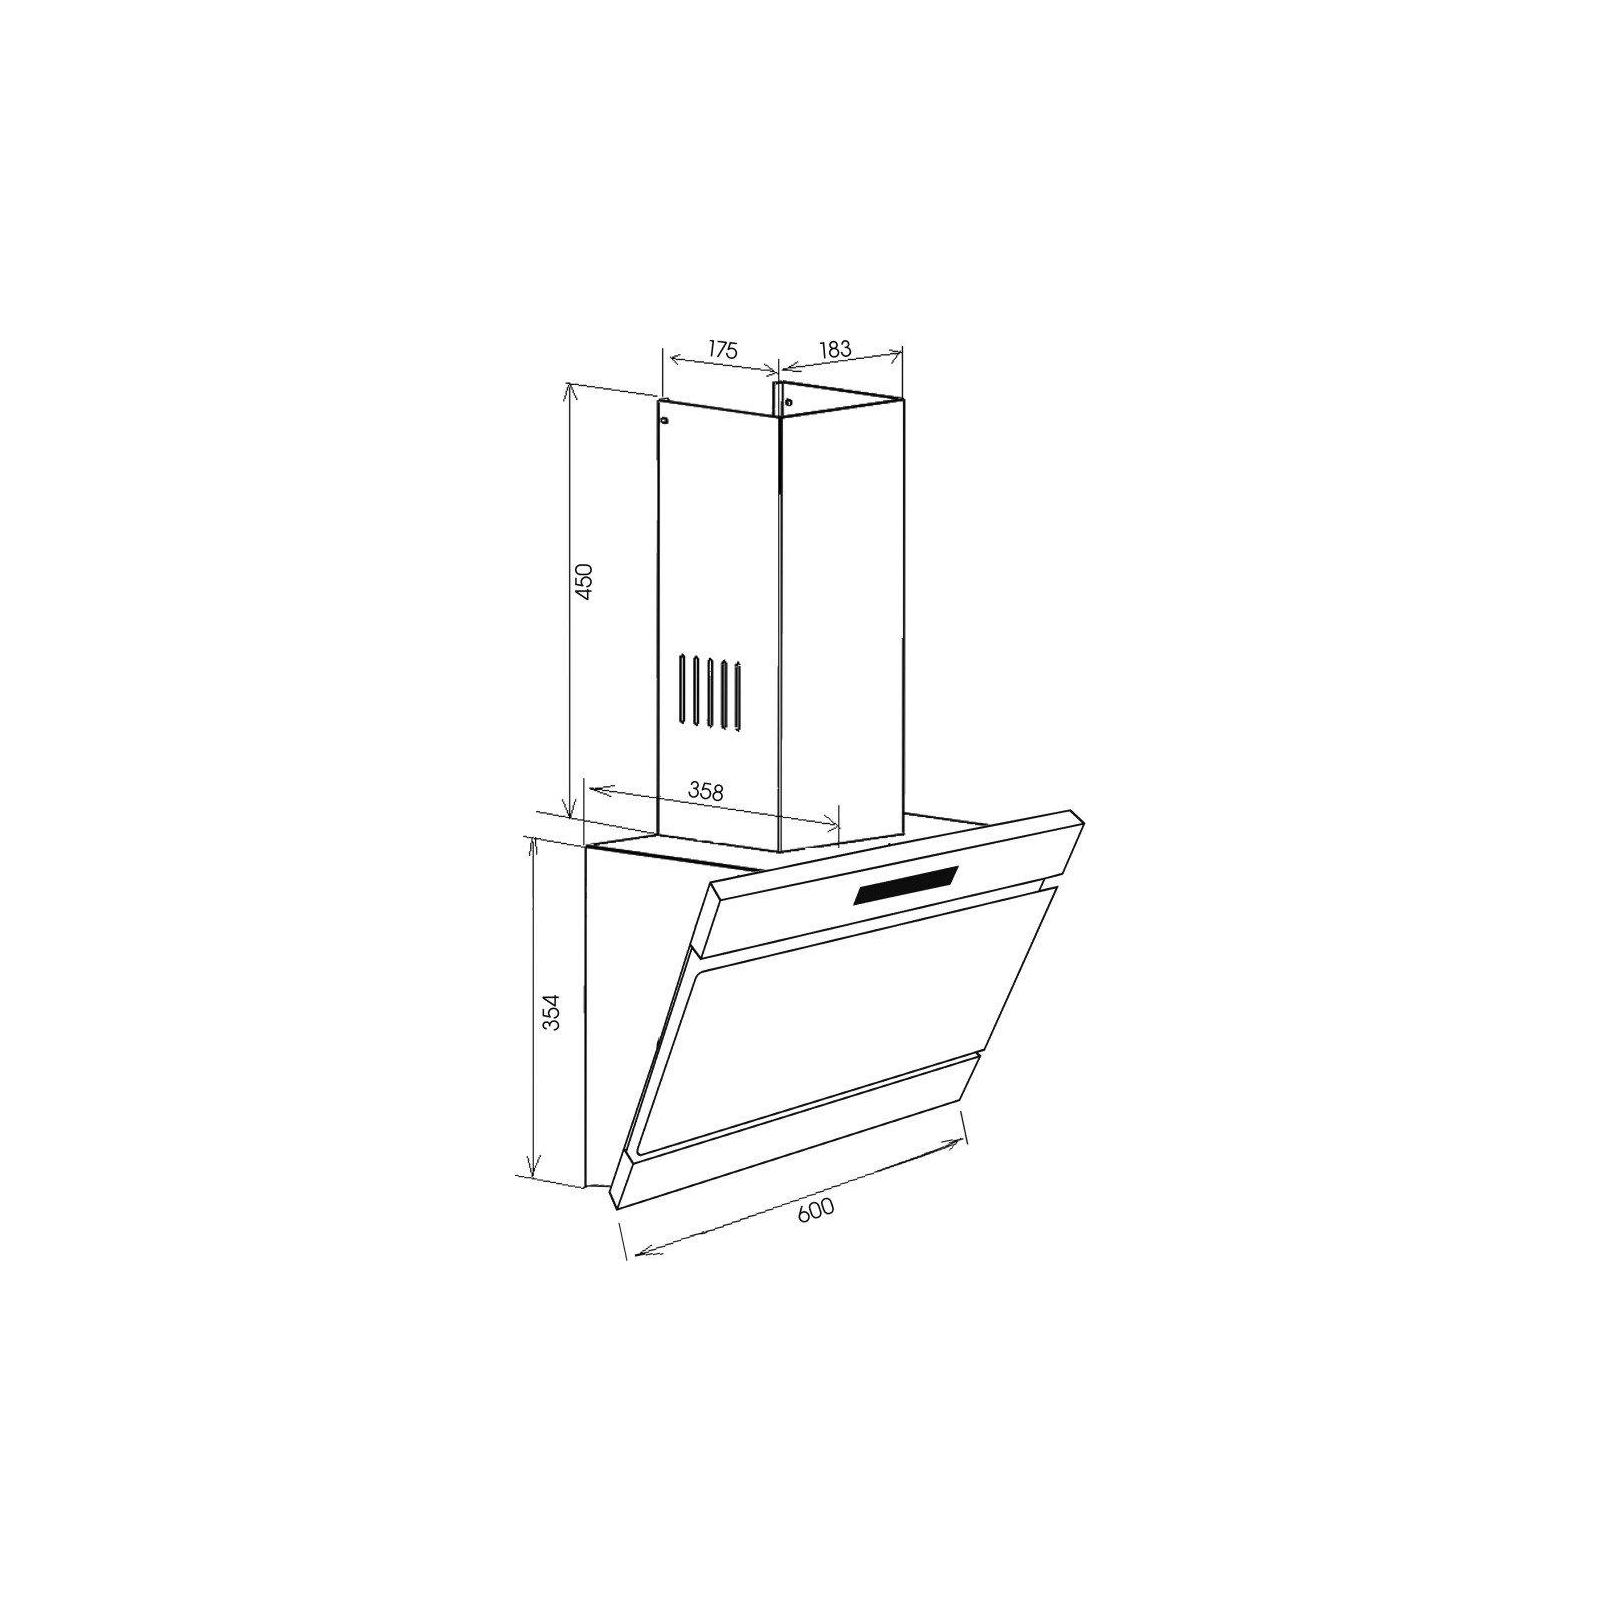 Вытяжка кухонная ZIRTAL FORTE 60 BL изображение 7